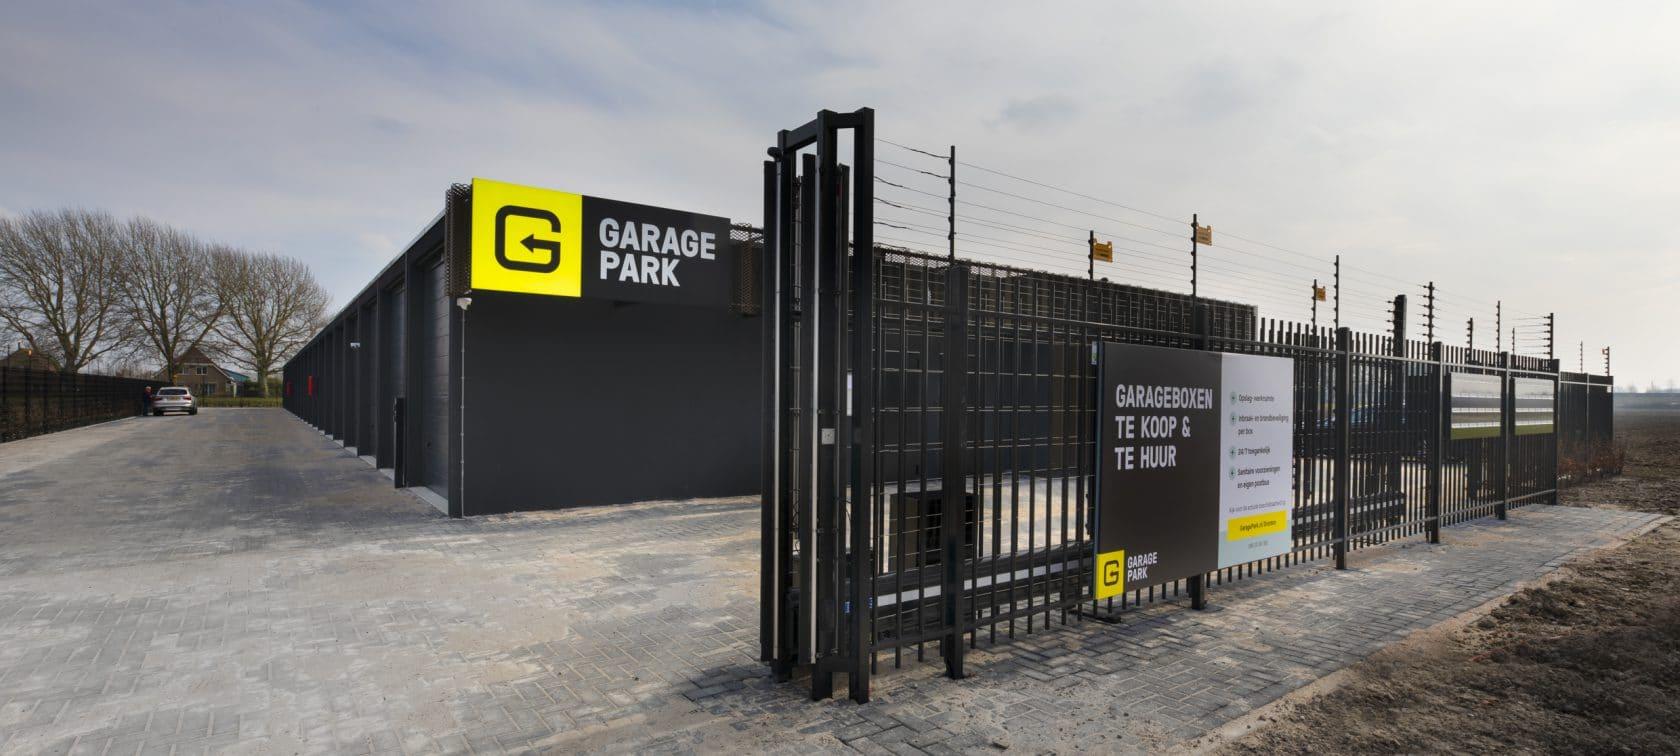 GaragePark Dronten